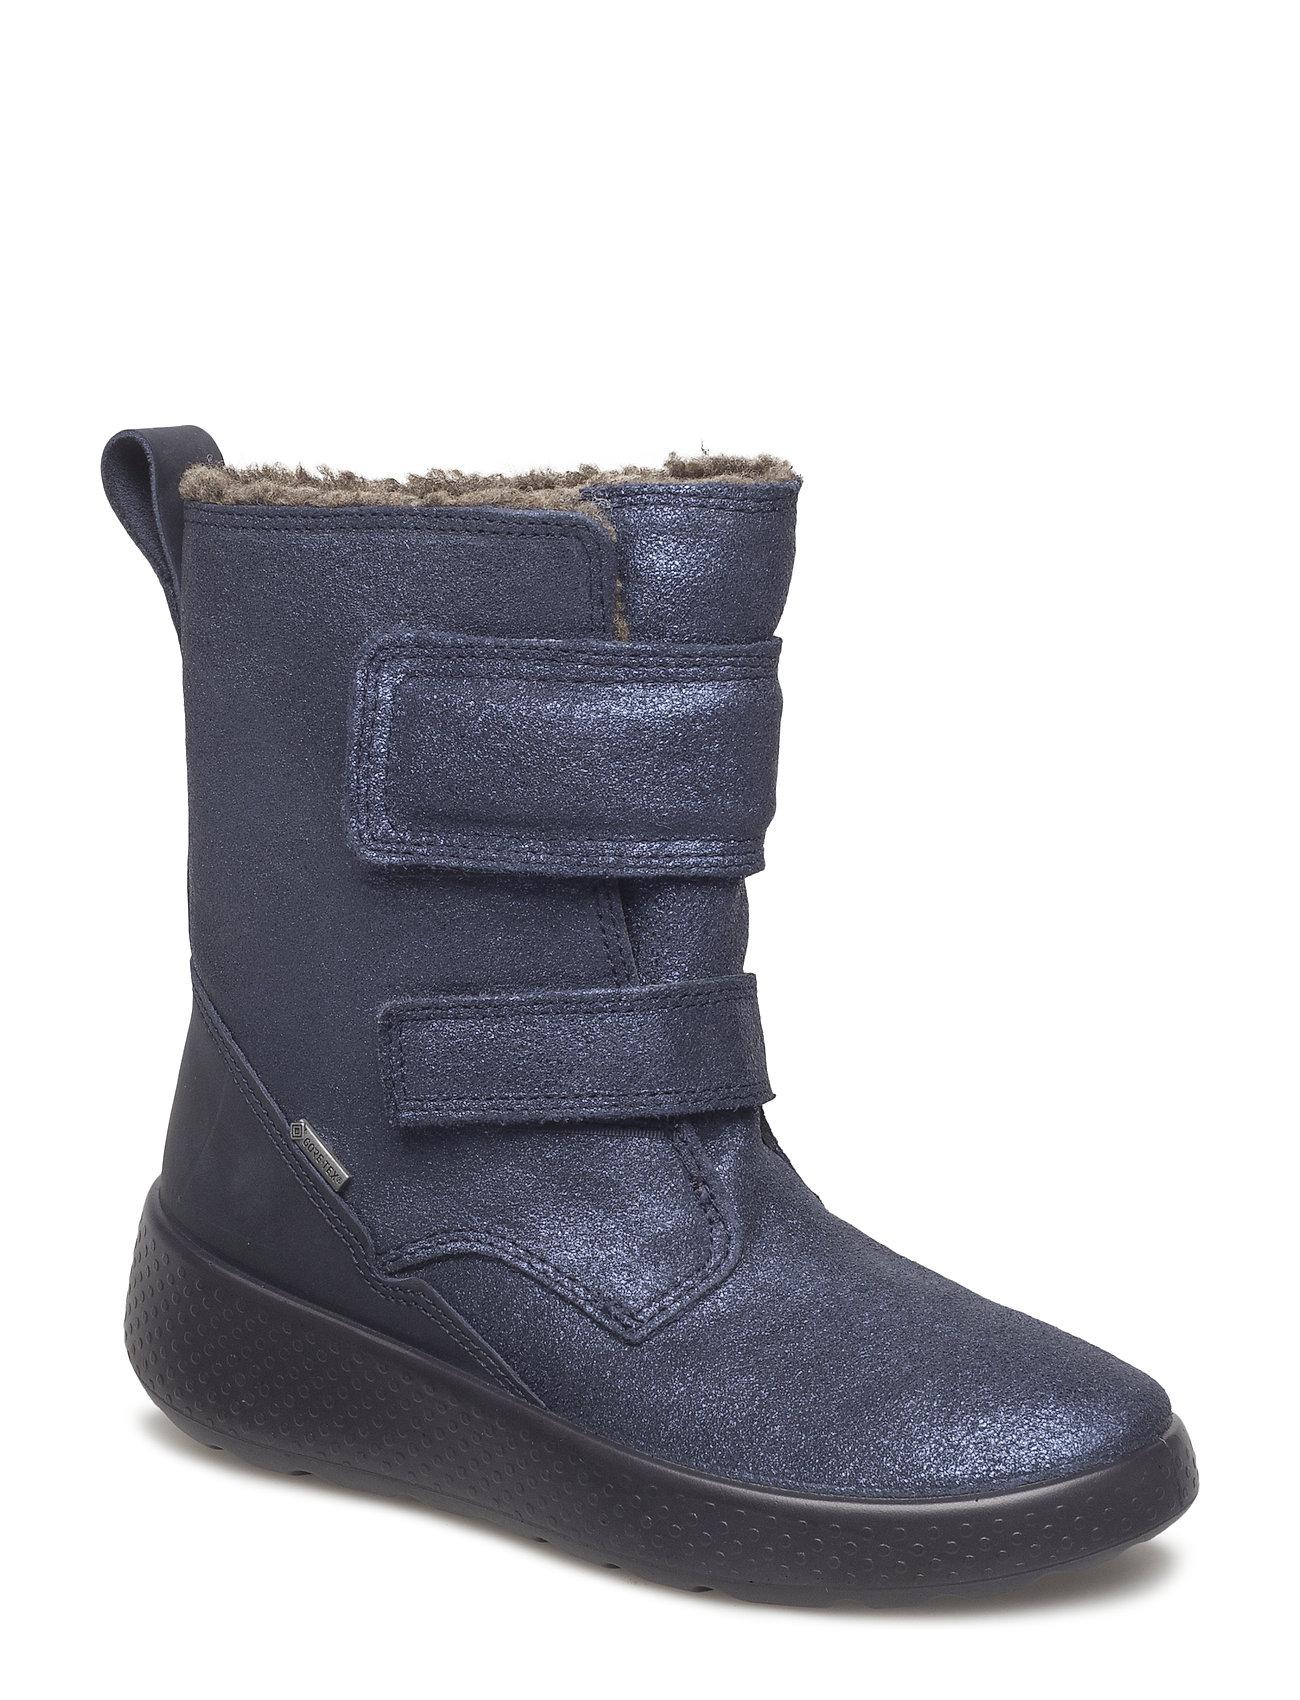 best supplier sale online exclusive shoes UKIUK KIDS